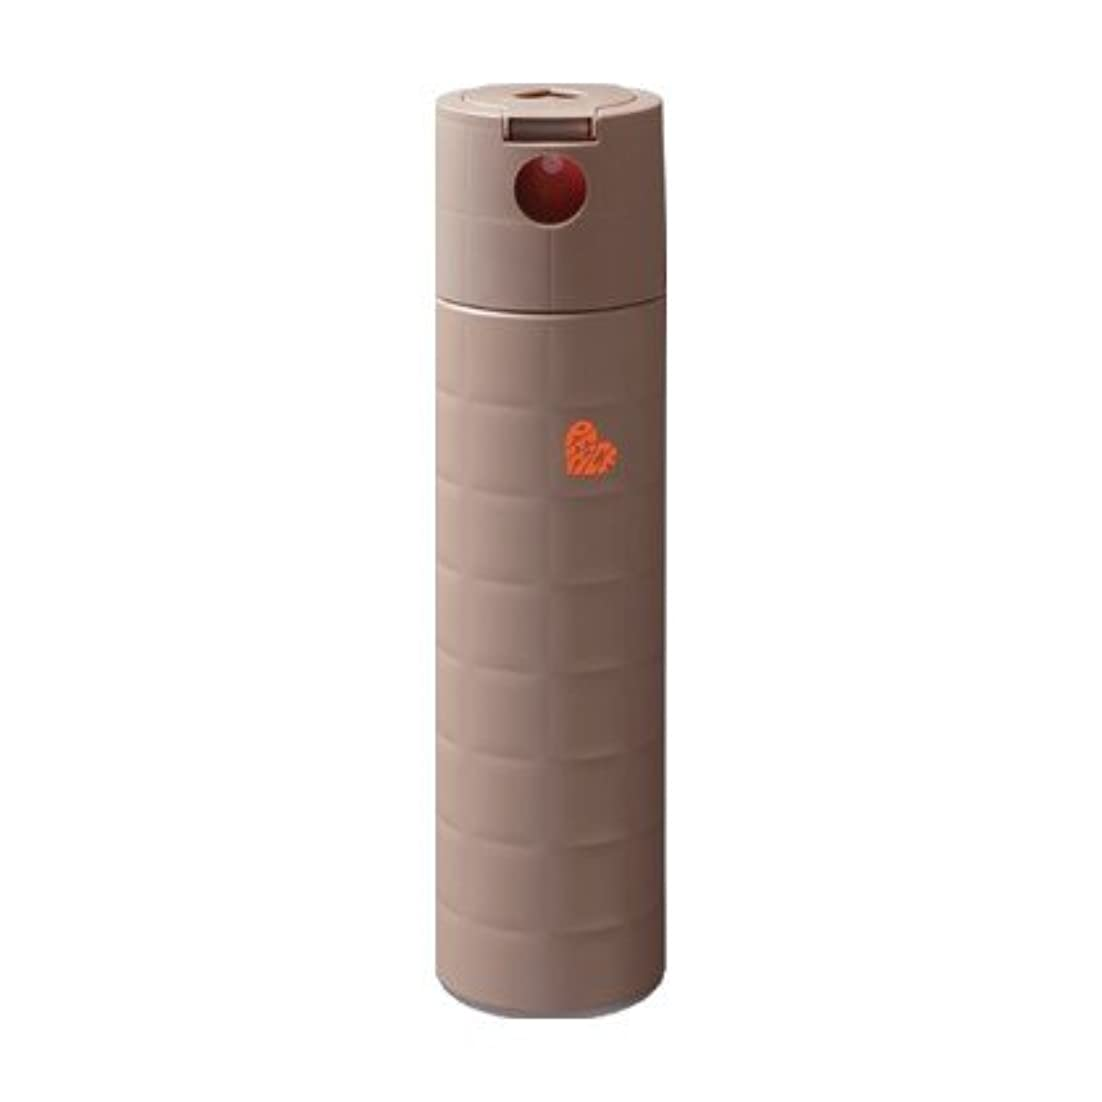 落ちた効果的にニュージーランドアリミノ ピース ワックスspray カフェオレ 143g(200ml) スプレーライン ARIMINO PEACE